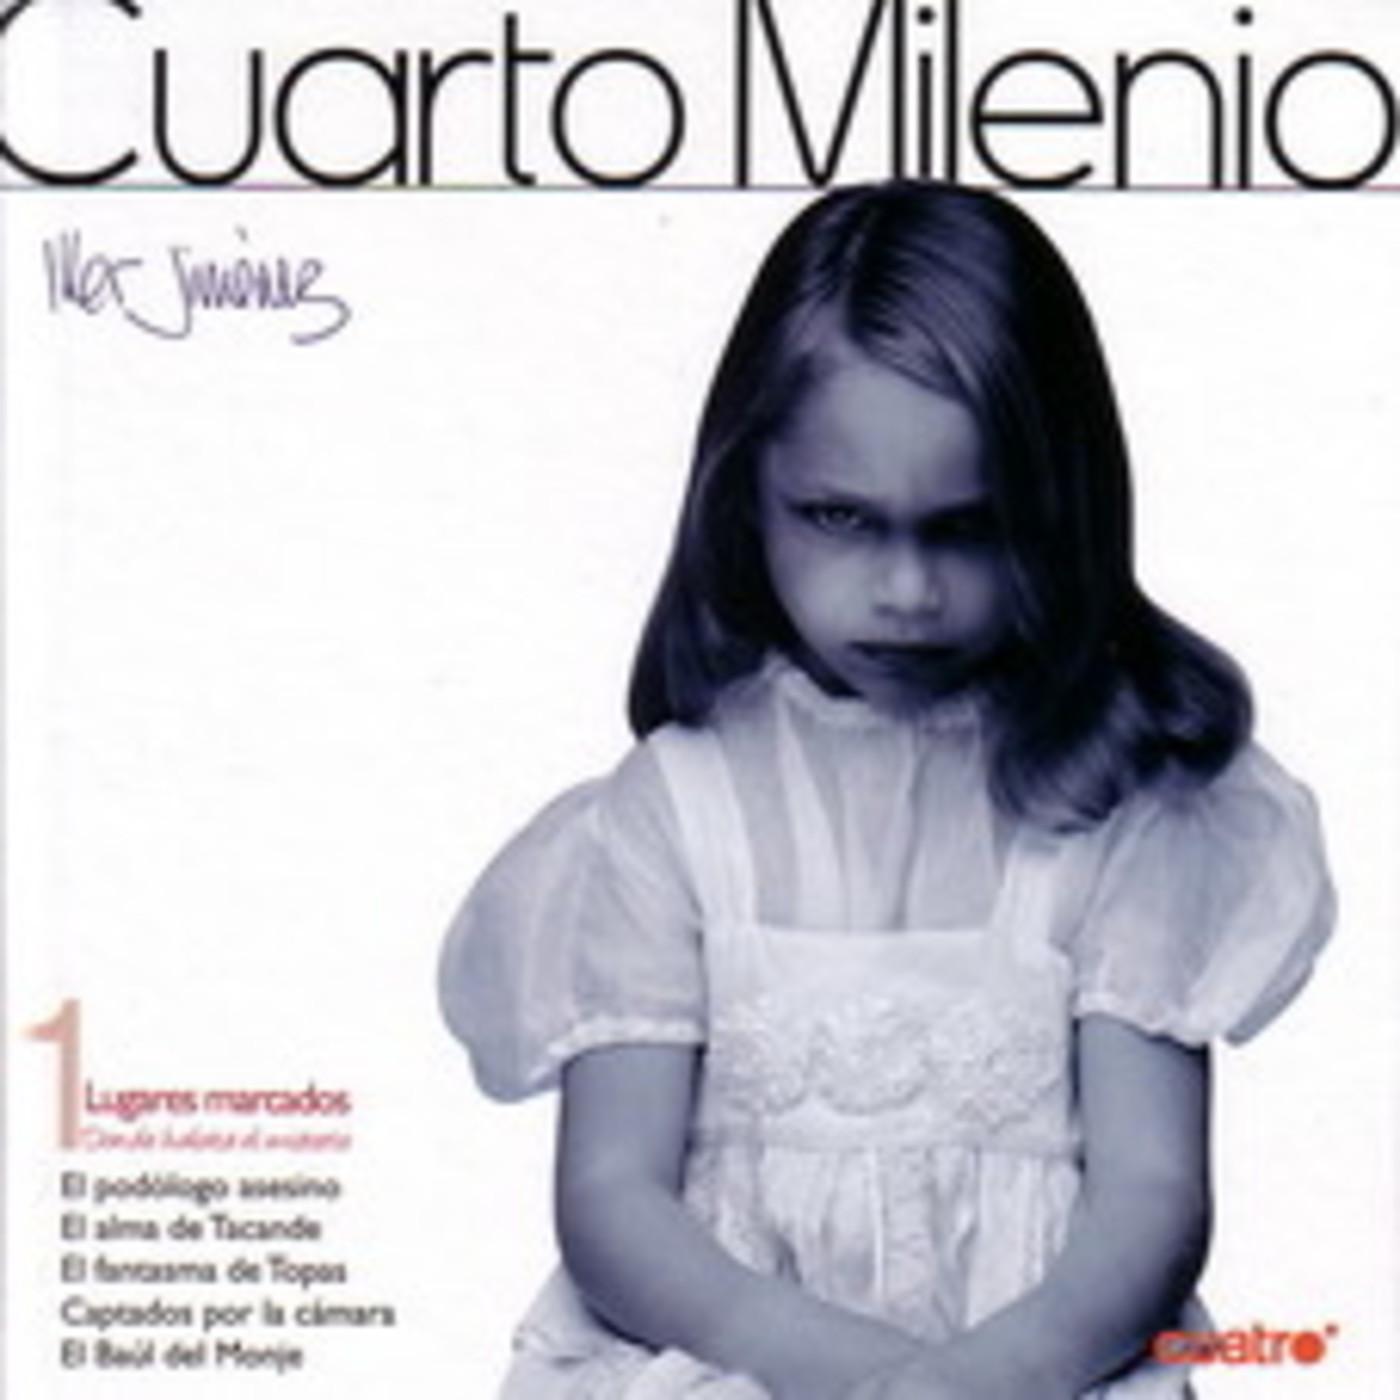 Especial Cuarto milenio: Lugares marcados (2009) en Cuarto Milenio ...